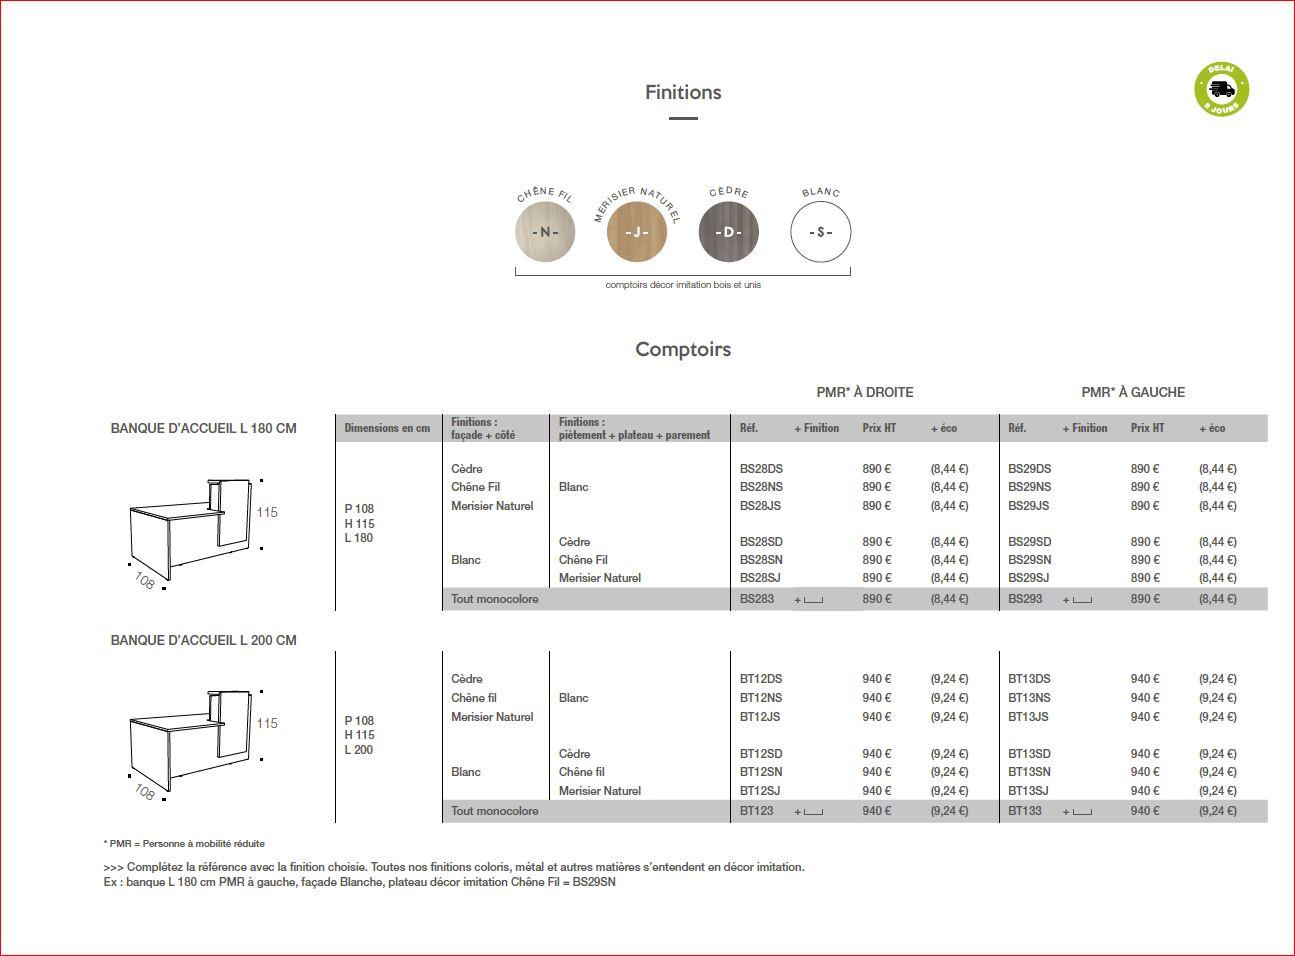 petite banque comptoir d 39 accueil pas cher rapide ub 1. Black Bedroom Furniture Sets. Home Design Ideas